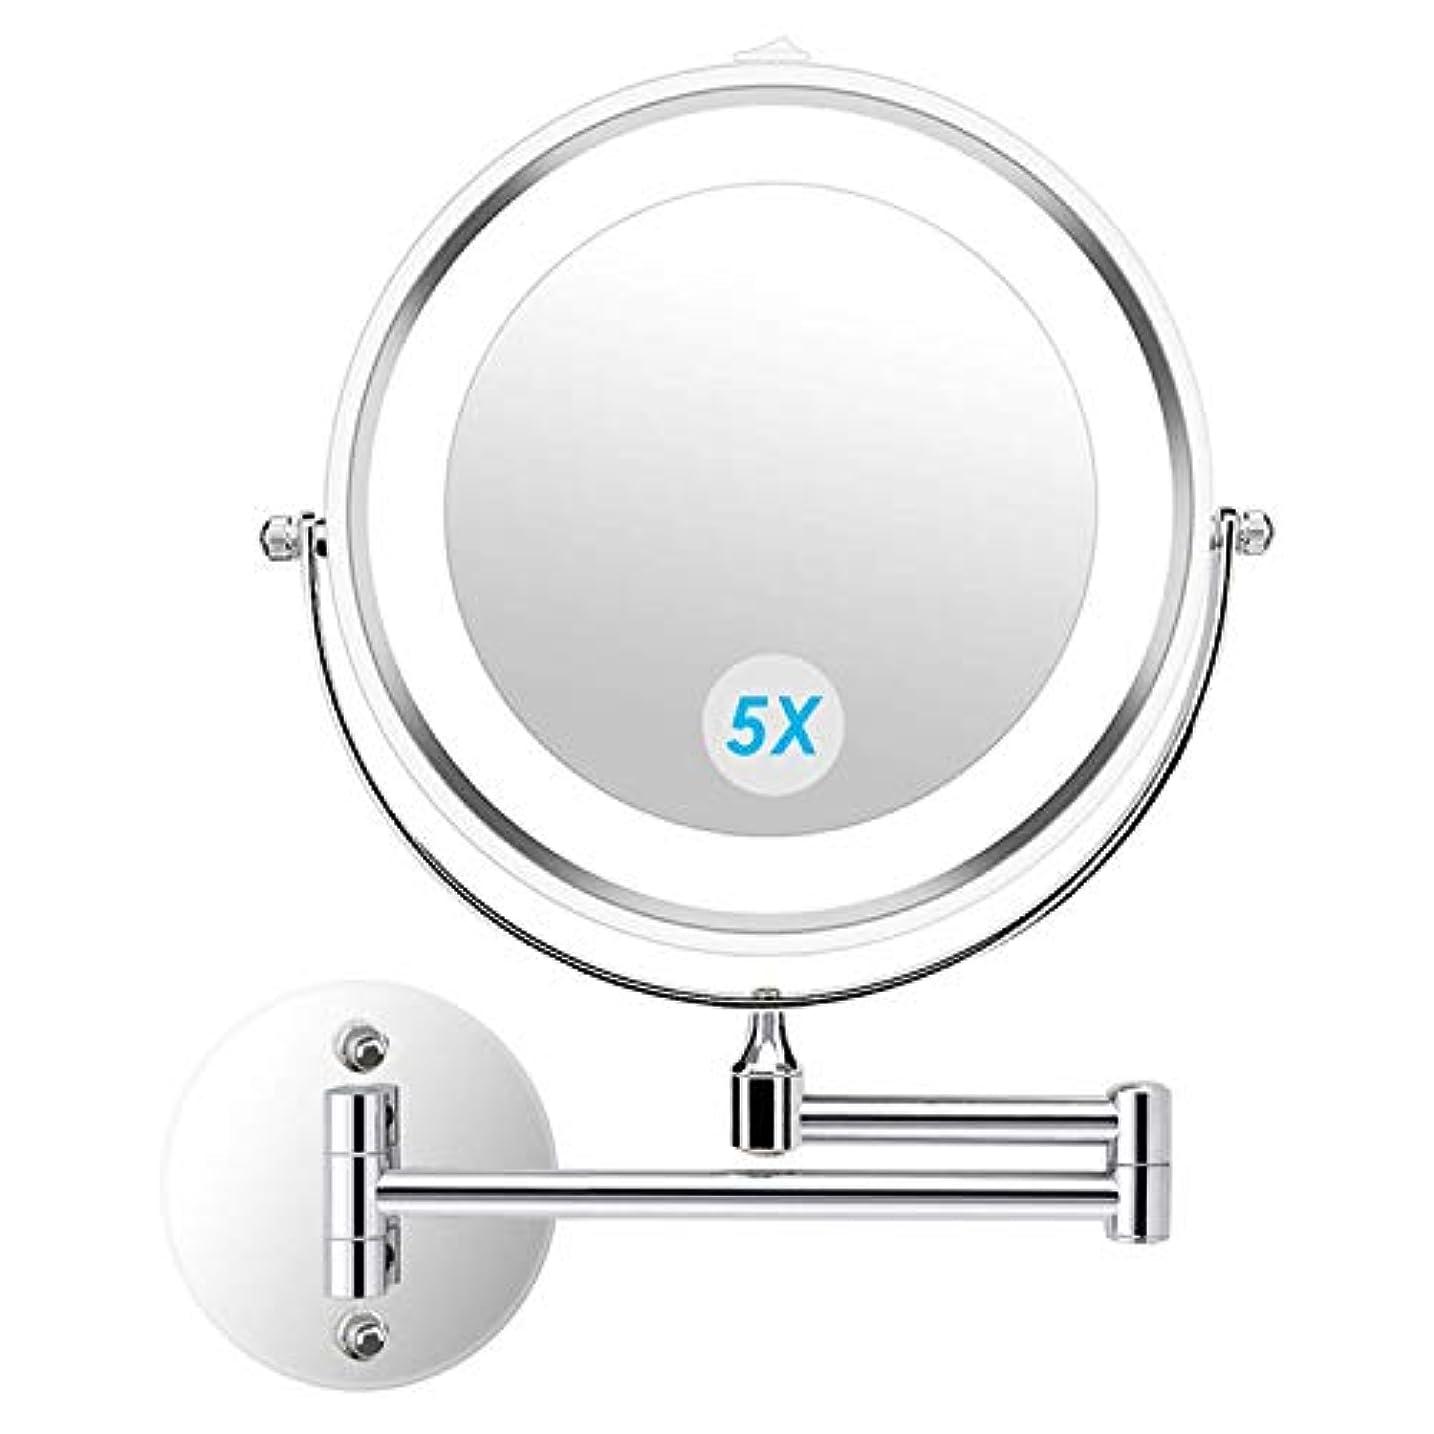 ギャロップする必要がある役立つalvorog 壁掛け化粧鏡 4個 電池で駆動バスルームホテル用照明付き両面5倍 倍率360度 スイベル延長化粧化粧鏡を導きました 7